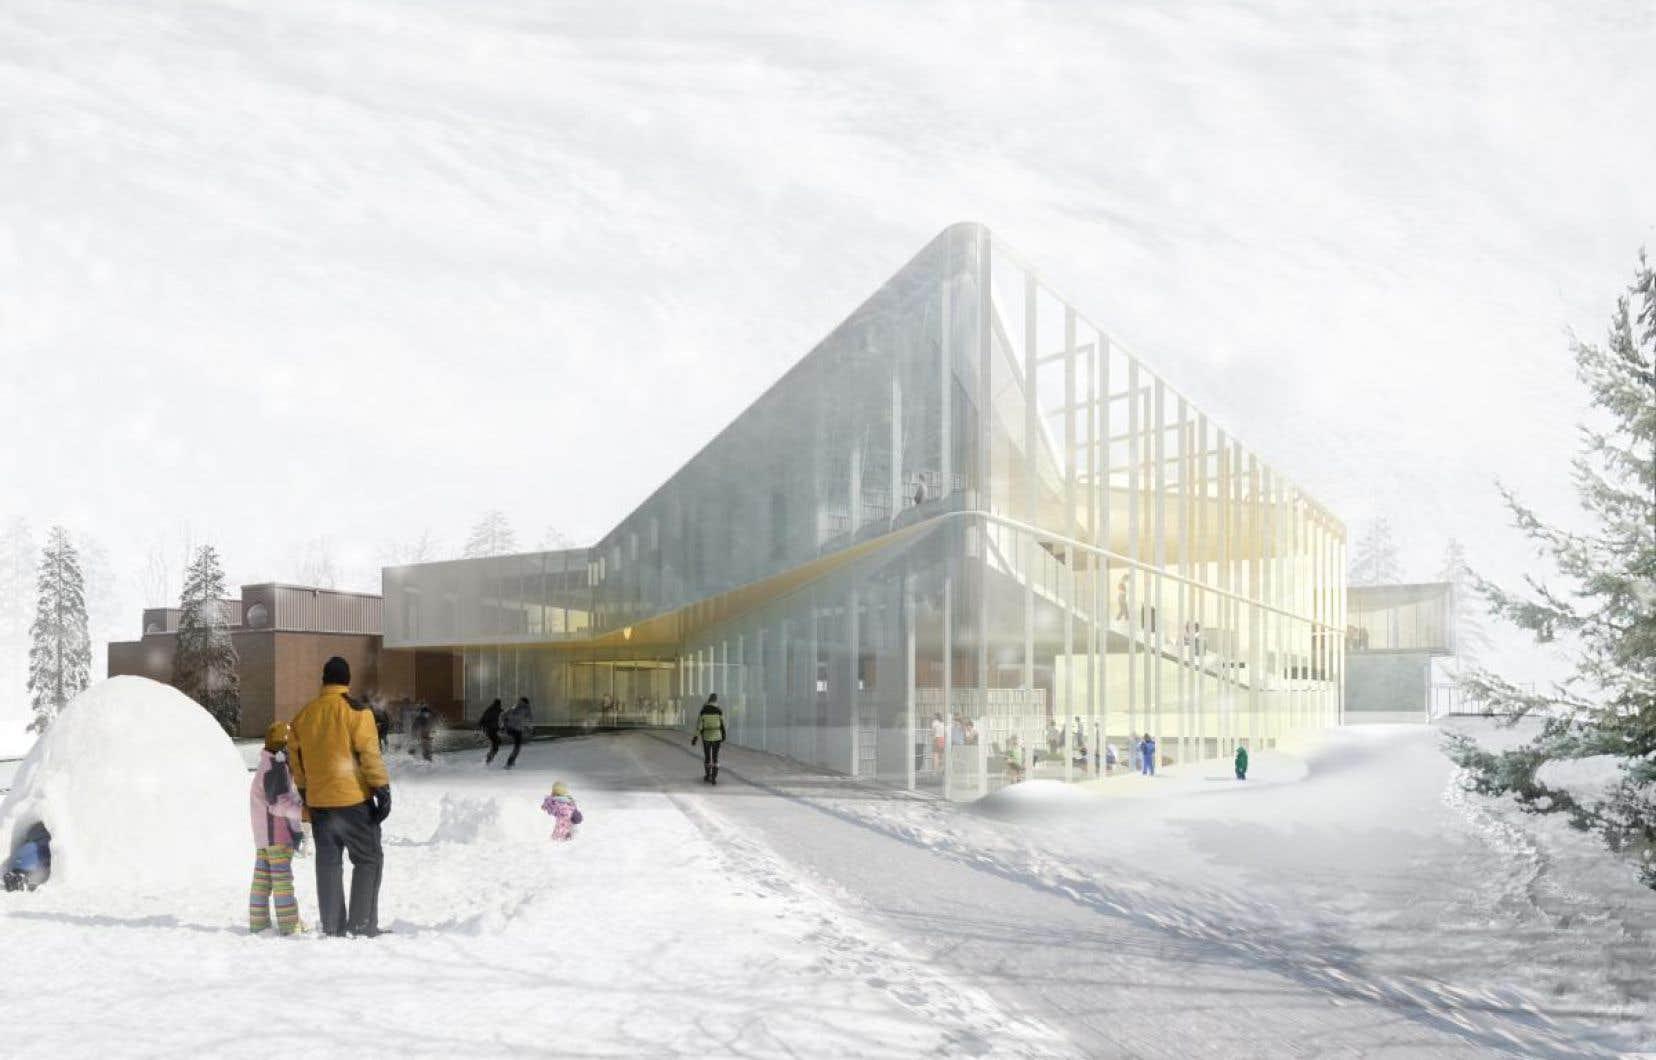 C'est le contrat d'agrandissement de la bibliothèque de Pierrefonds (qu'on voit ici sur une illustration d'architecte) qui est au cœur de l'enquête du BIG.